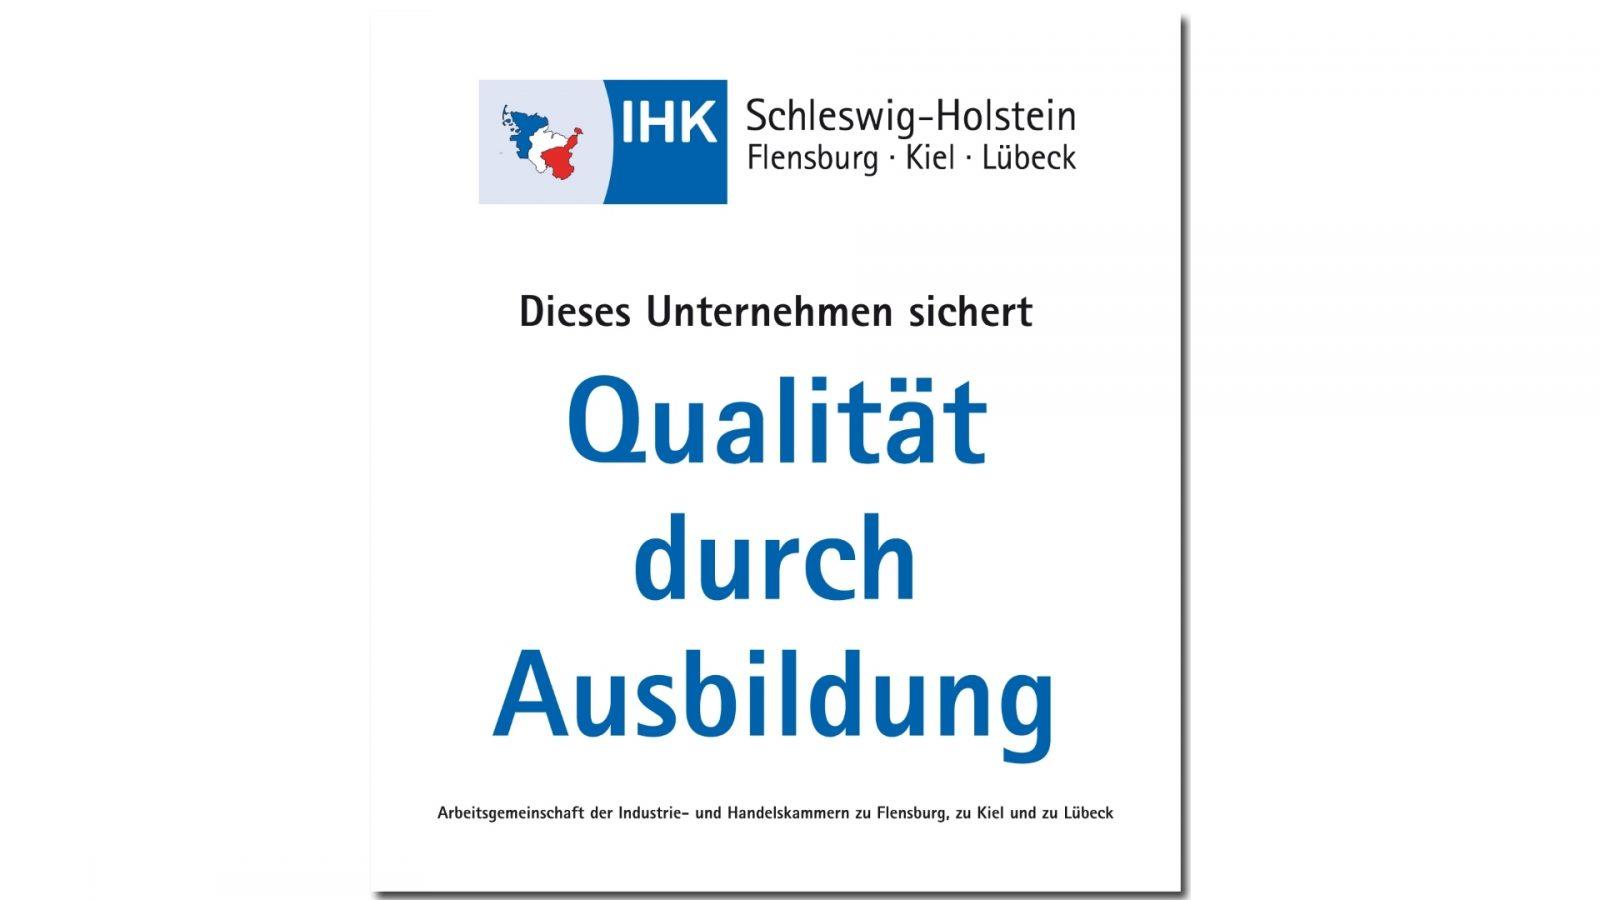 Logo IHK Qualität Durch Ausbildung 2018